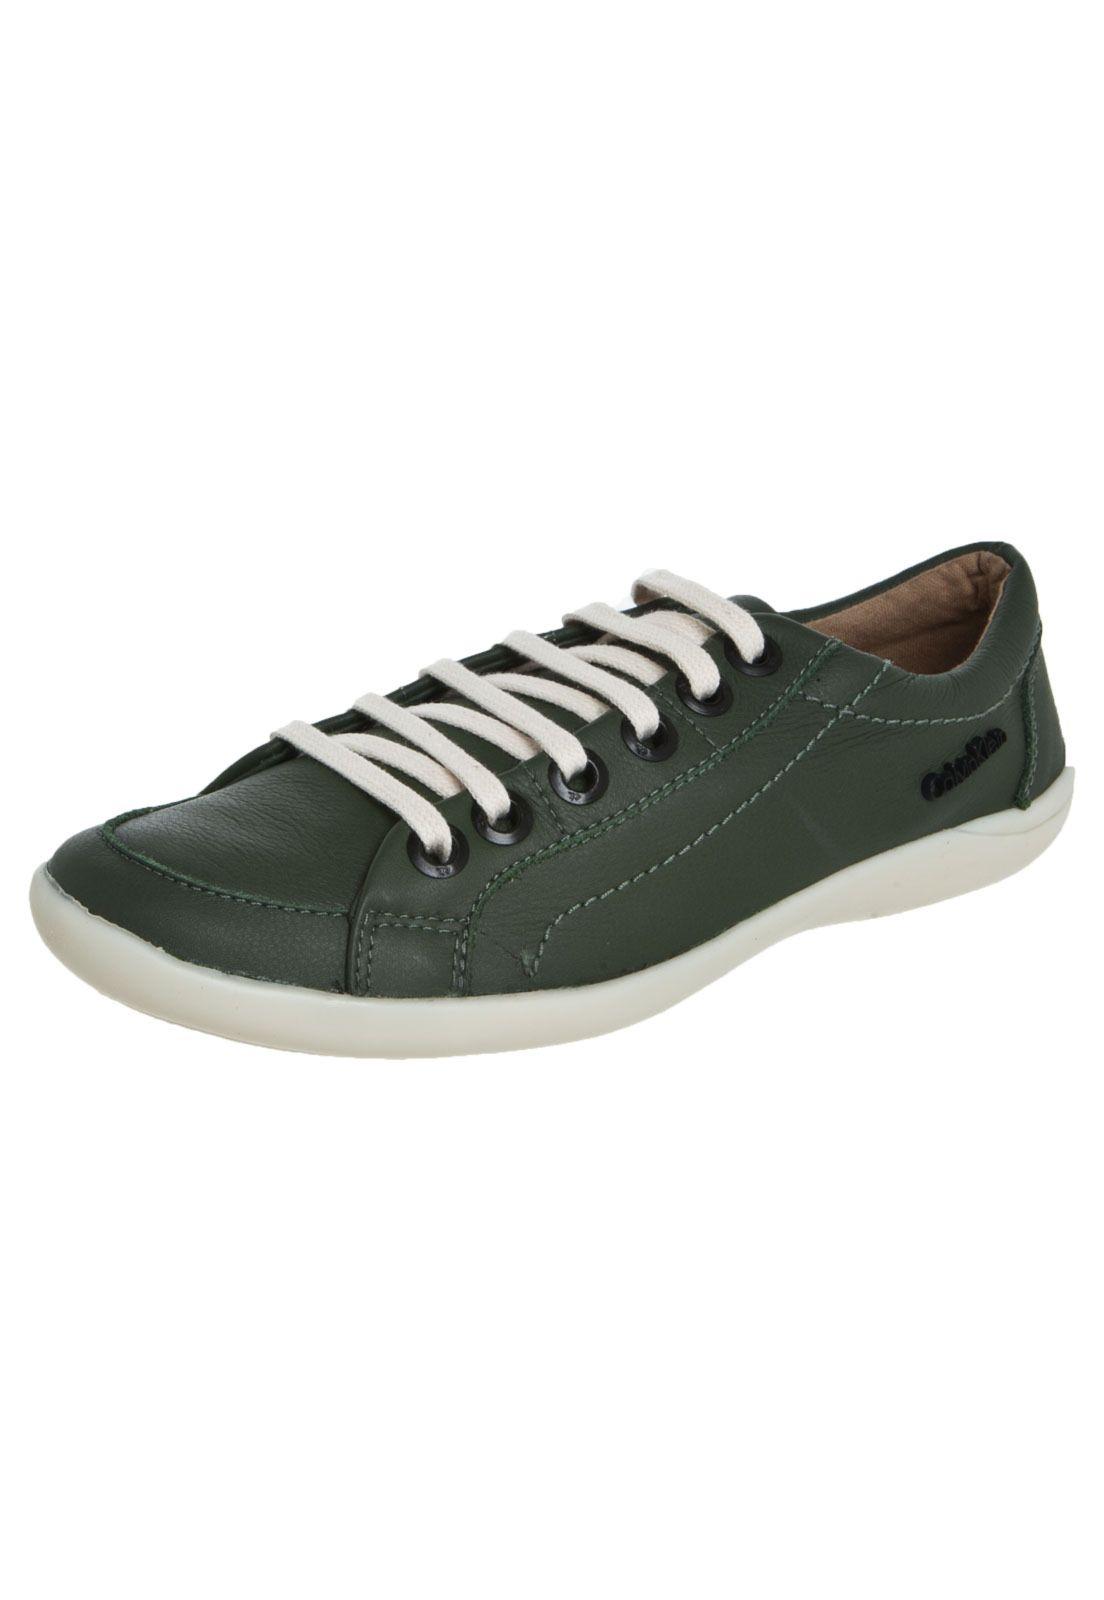 Tênis Calvin Klein Cano Baixo Verde - Compre Agora   Dafiti   Moda ... 46d8559450